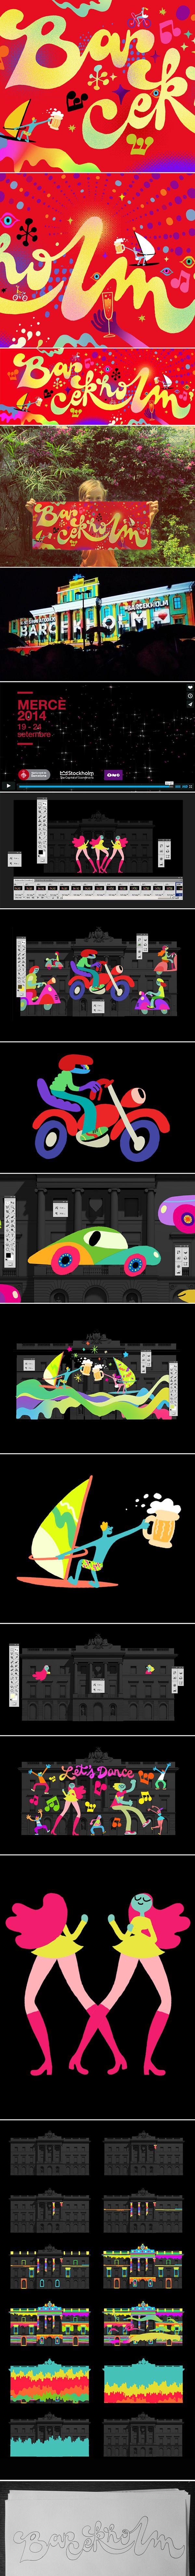 Ilustraciones para una de las animaciones que forman parte de las proyecciones sobre el ayuntamiento de Barcelona y el edificio de Asuntos Exteriores de Estocolmo, durante las Fiestas de La Mercè 2014.Este evento une en una sola animación a ilustradores …. MISTER ED